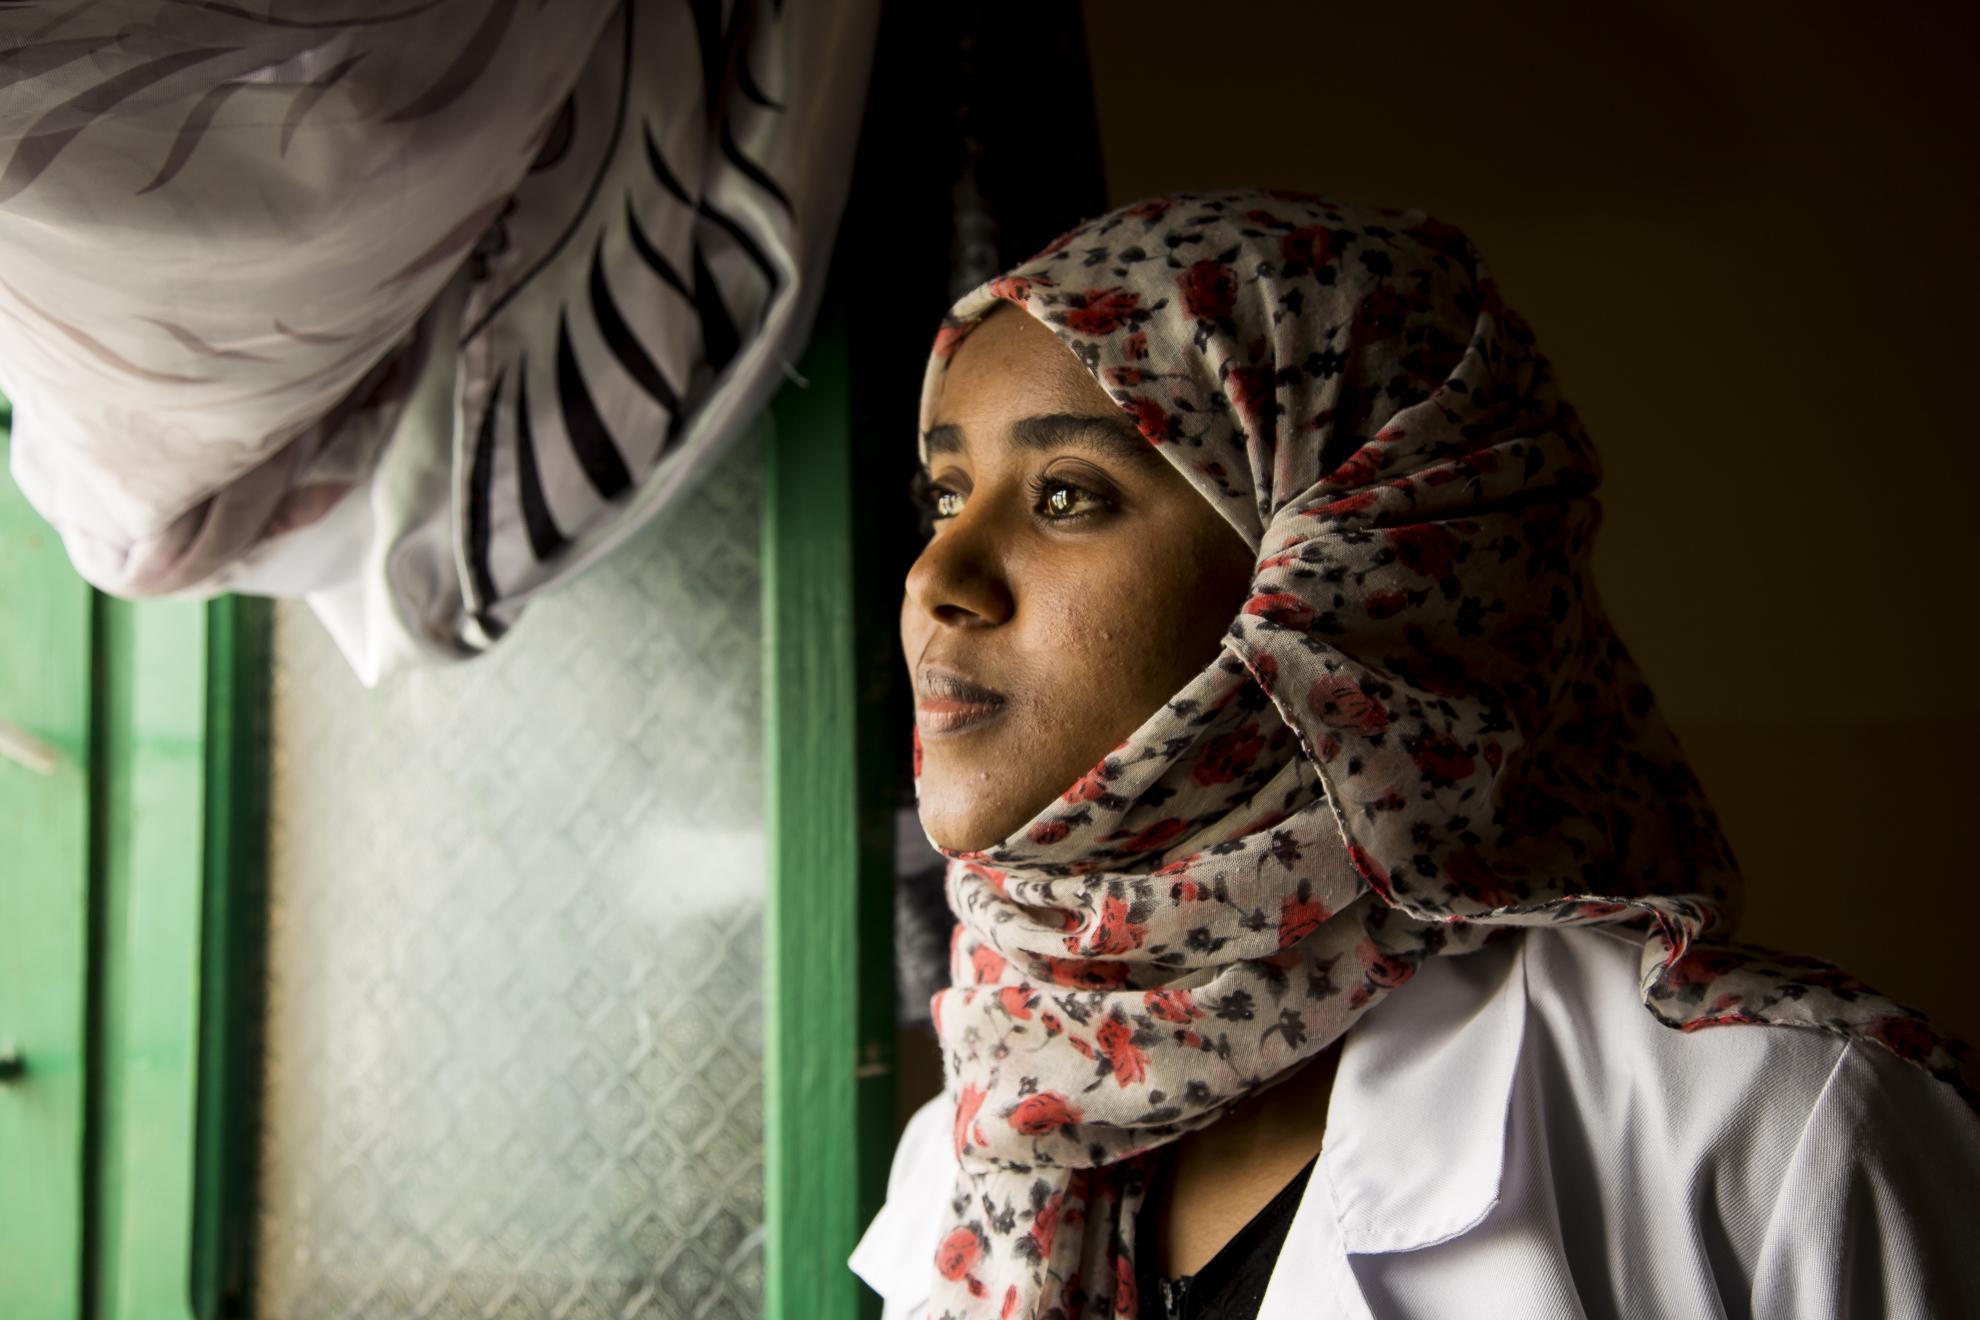 IPPF_Somaliland_ZFlood-7364_001.jpg